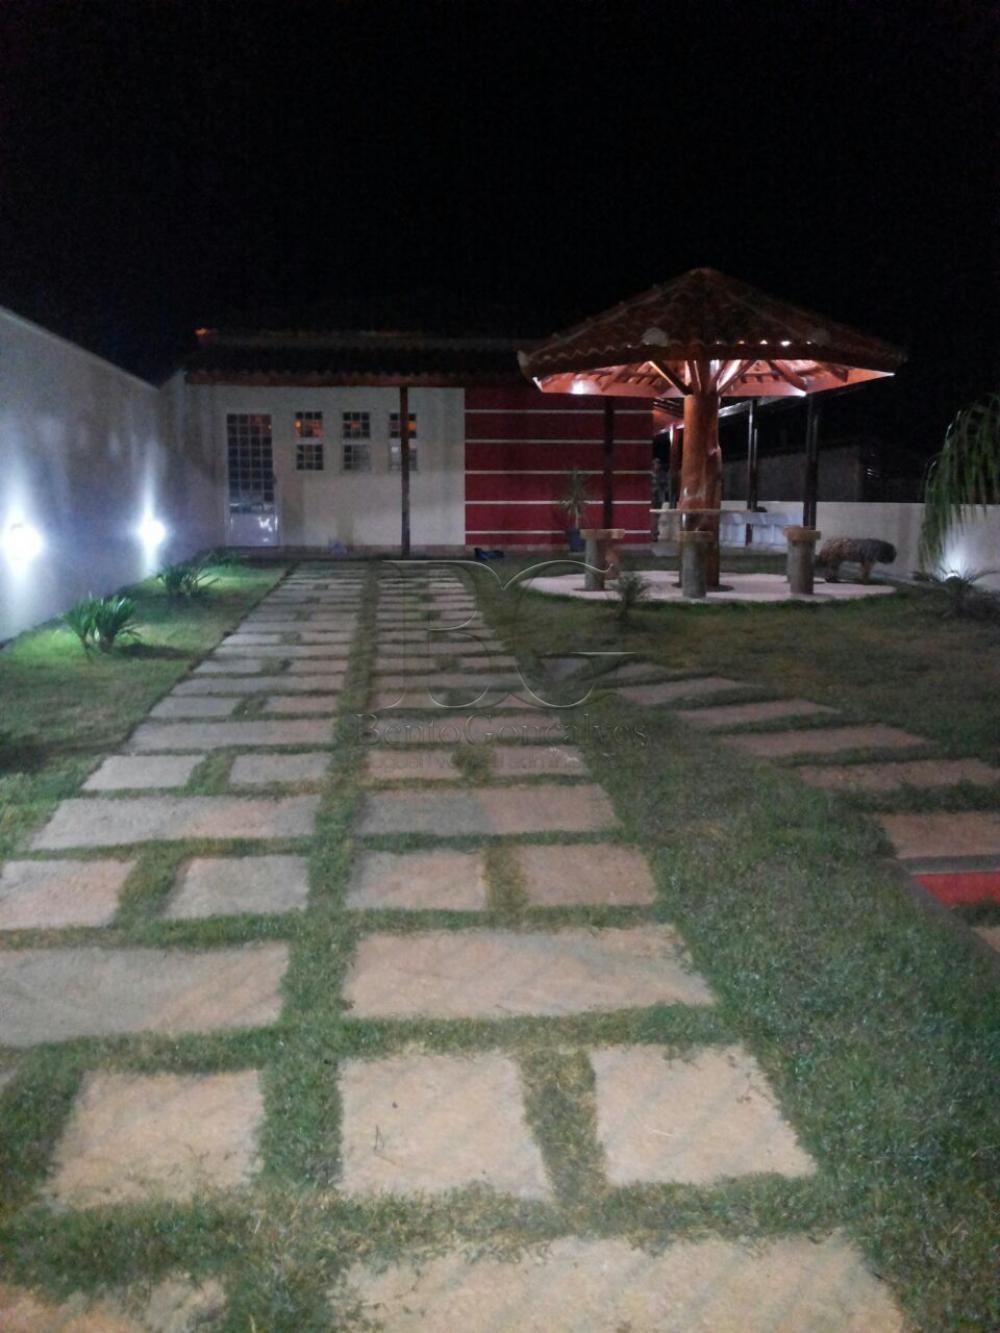 Comprar Rurais / Chácara em Laranjeiras de Caldas apenas R$ 270.000,00 - Foto 2